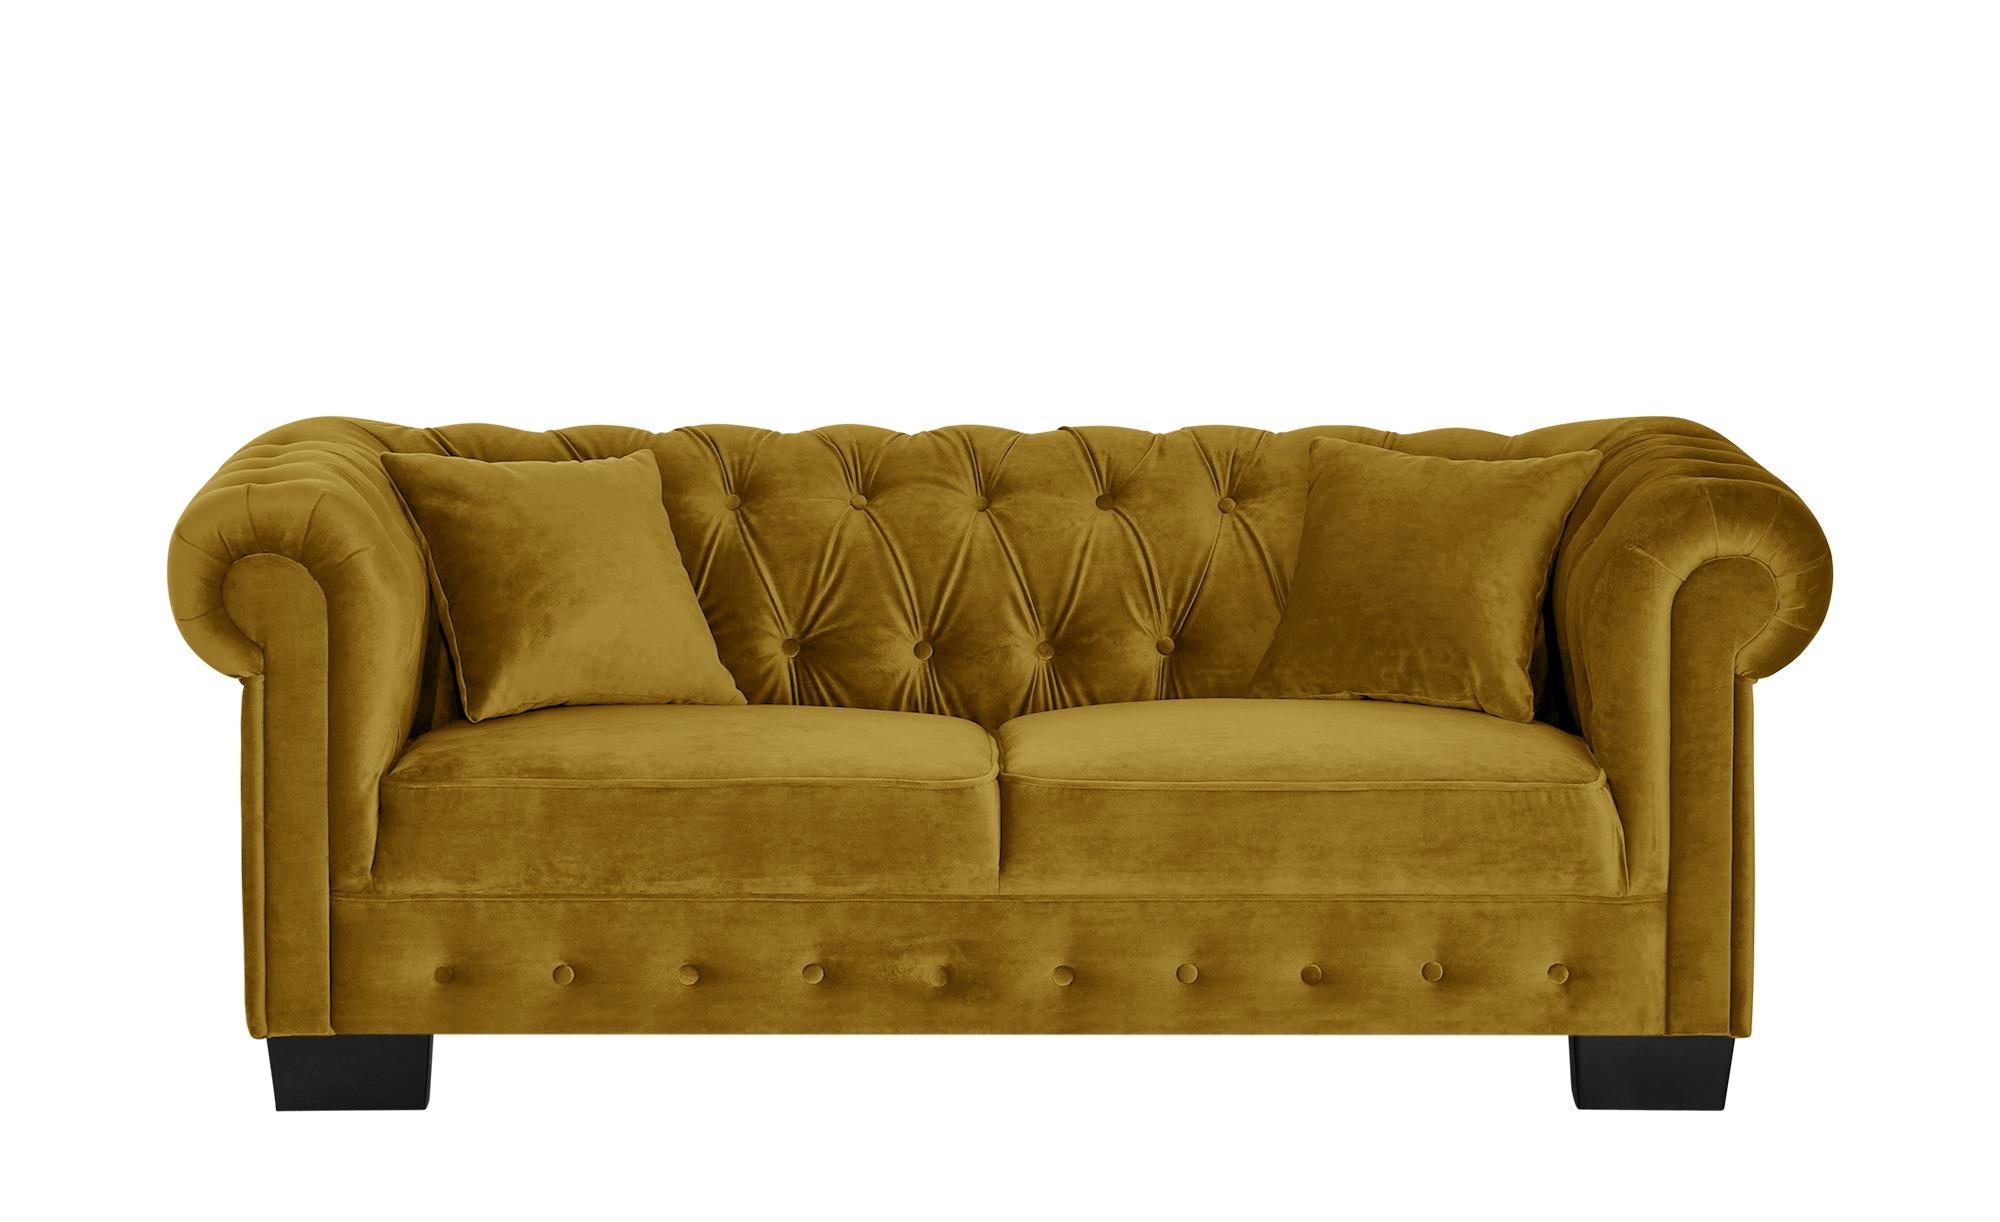 smart Sofa gelb - Velours Chelli ¦ gelb ¦ Maße (cm): B: 206 H: 77 T: 96 Polstermöbel > Sofas > 3-Sitzer - Höffner